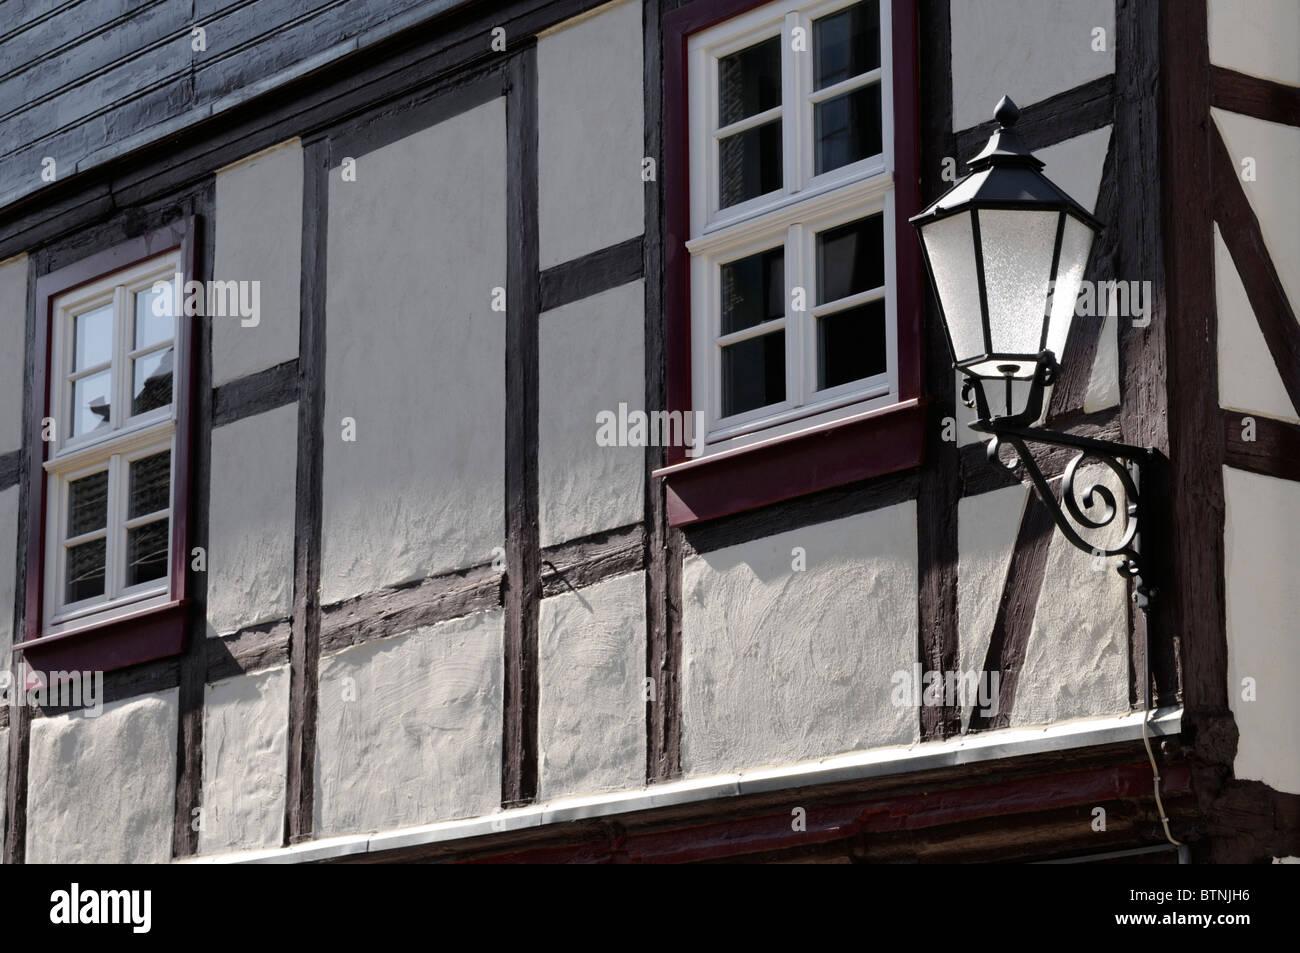 Alte Straßenlampe und Fachwerkhaus, Wernigerode, Deutschland. - La vecchia strada lampada e casa in legno e muratura, Foto Stock